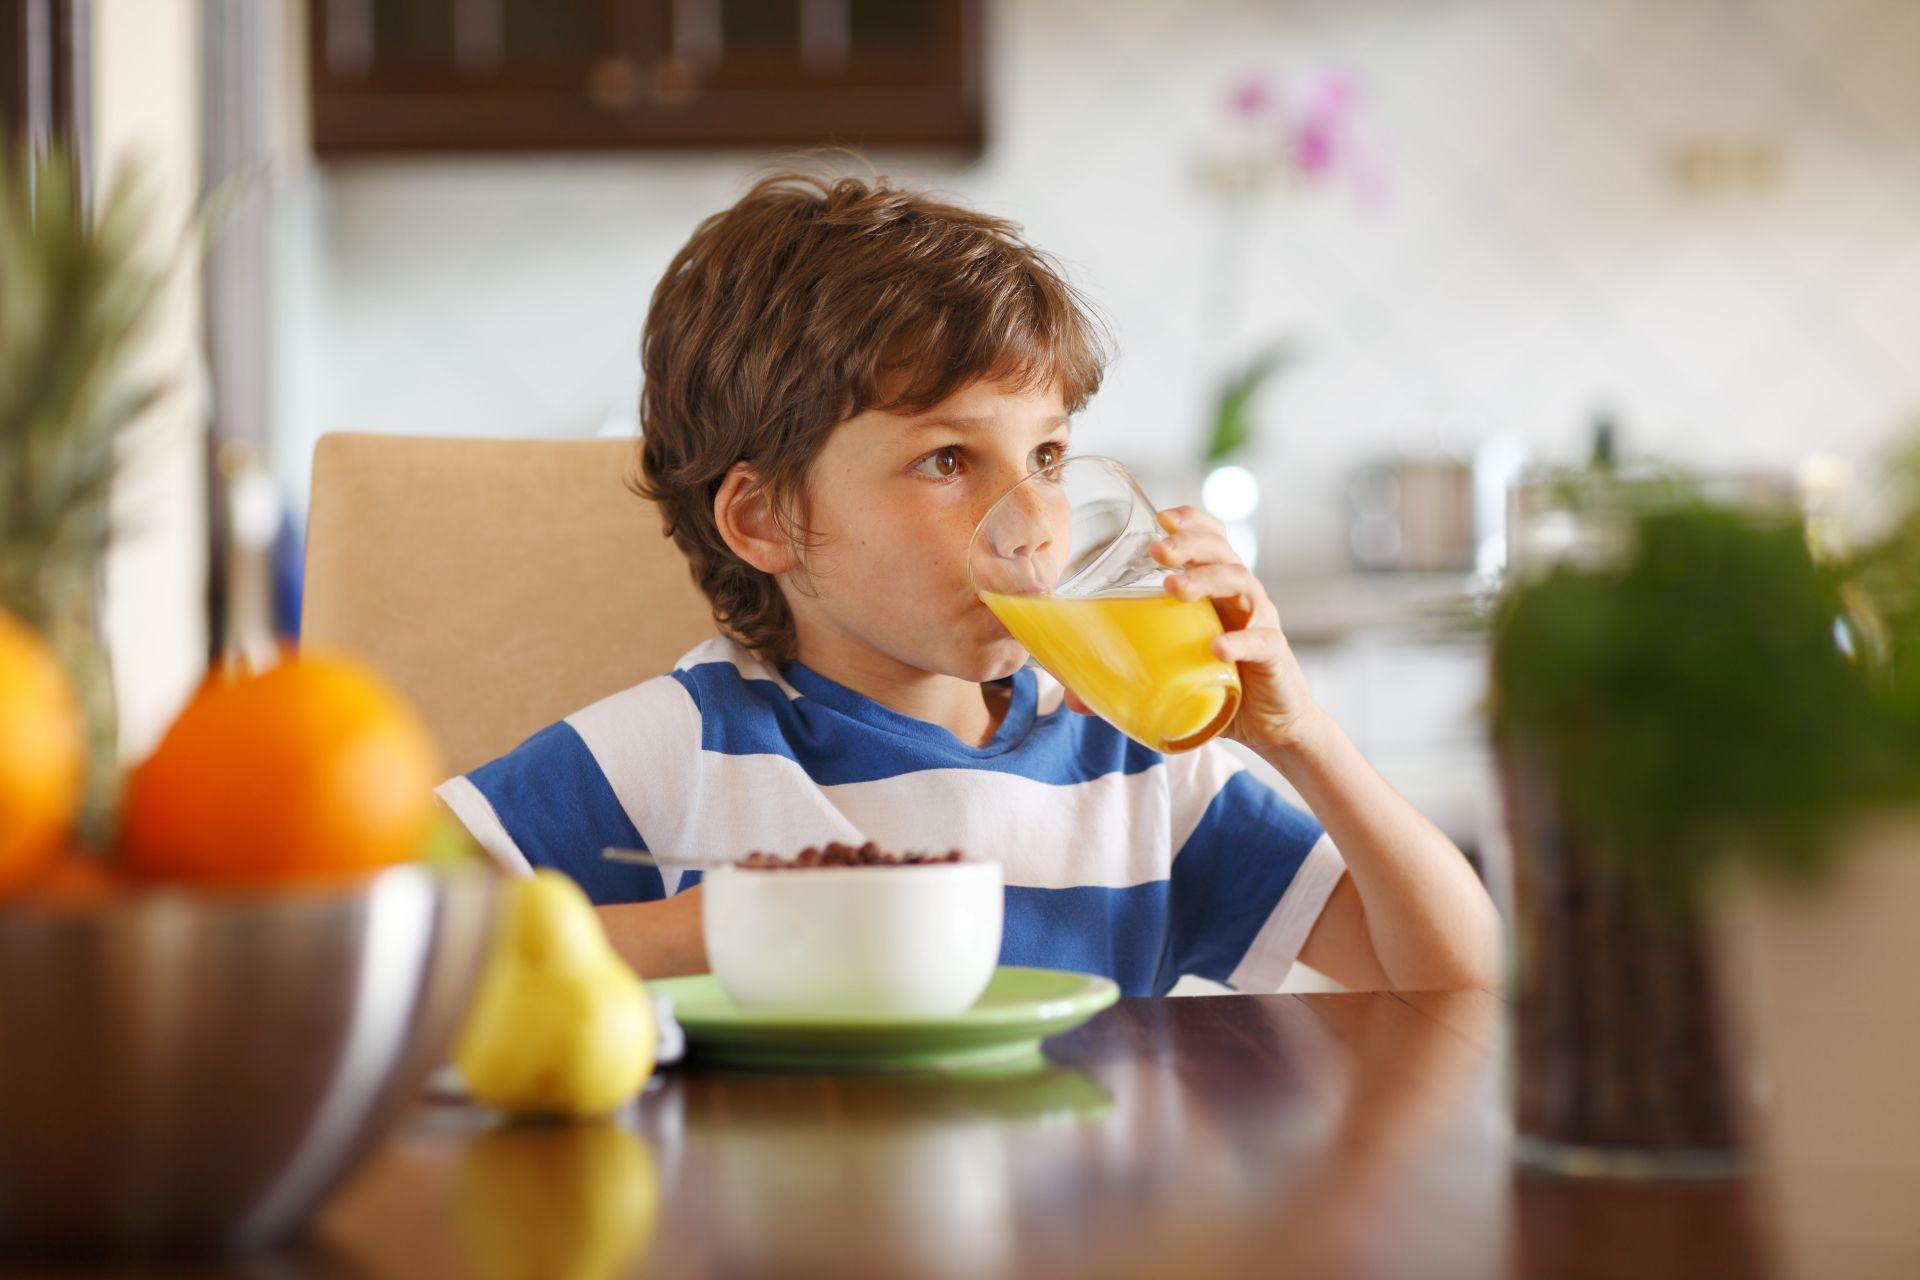 Çocukların yeme alışkanlığını düzenlemeye yardımcı 9 öneri #2